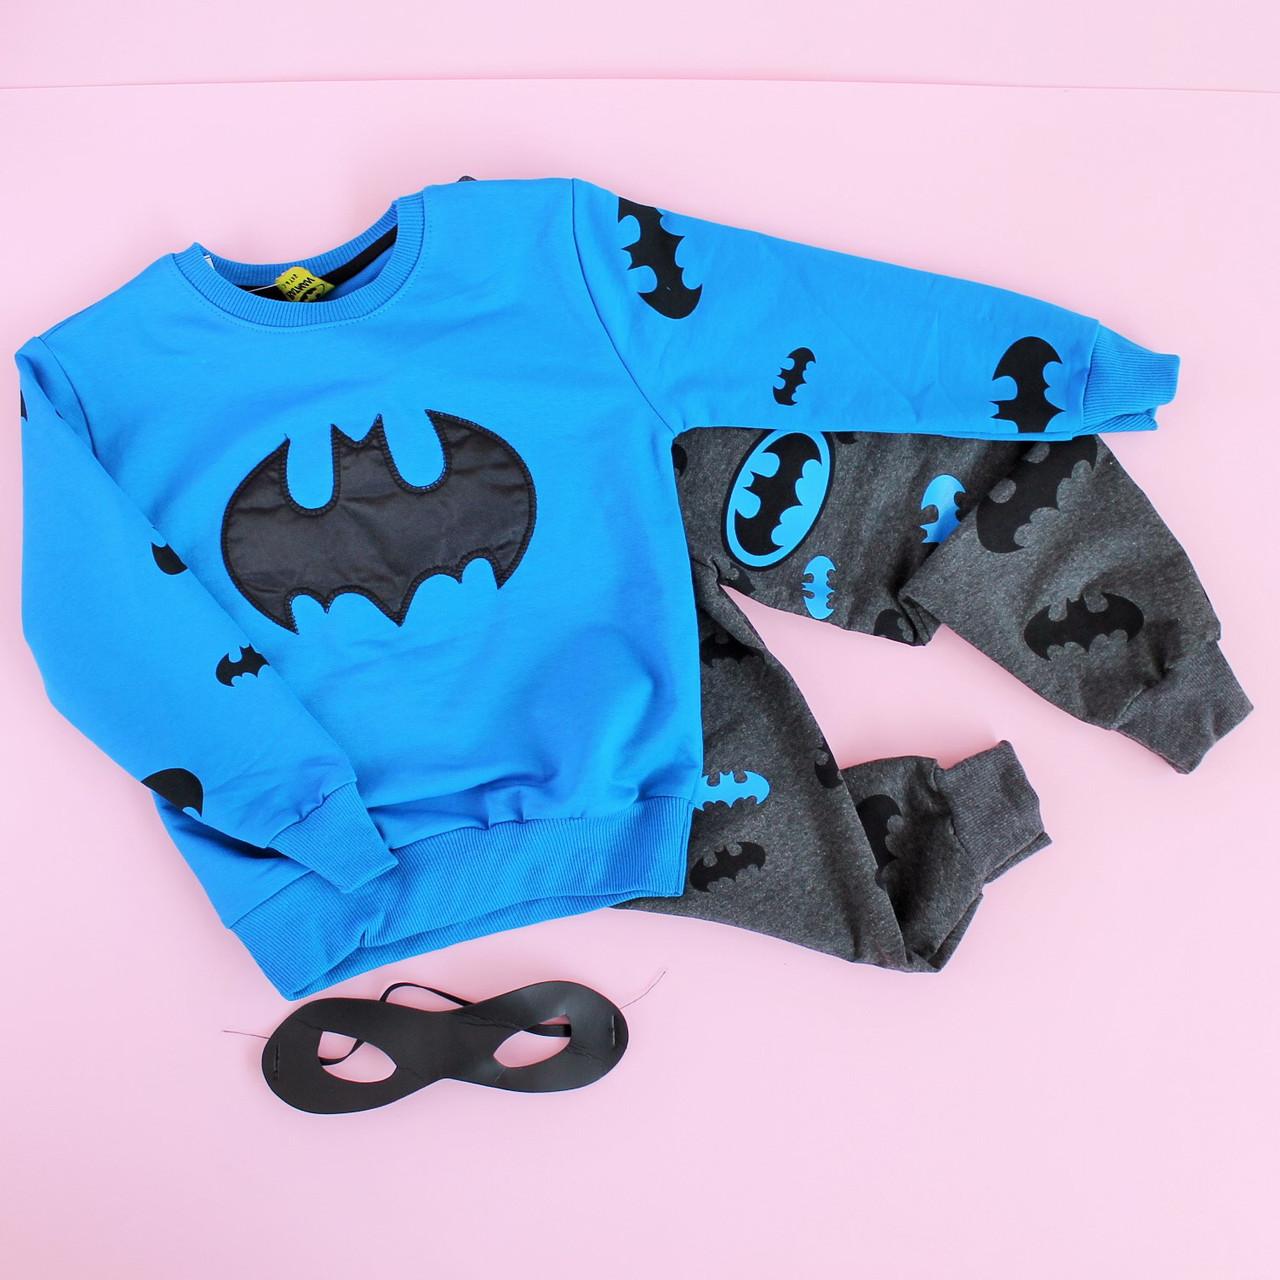 ae338432 Спортивный костюм для мальчика Бетмен размер 9-10 лет - Style-Baby детский  магазин